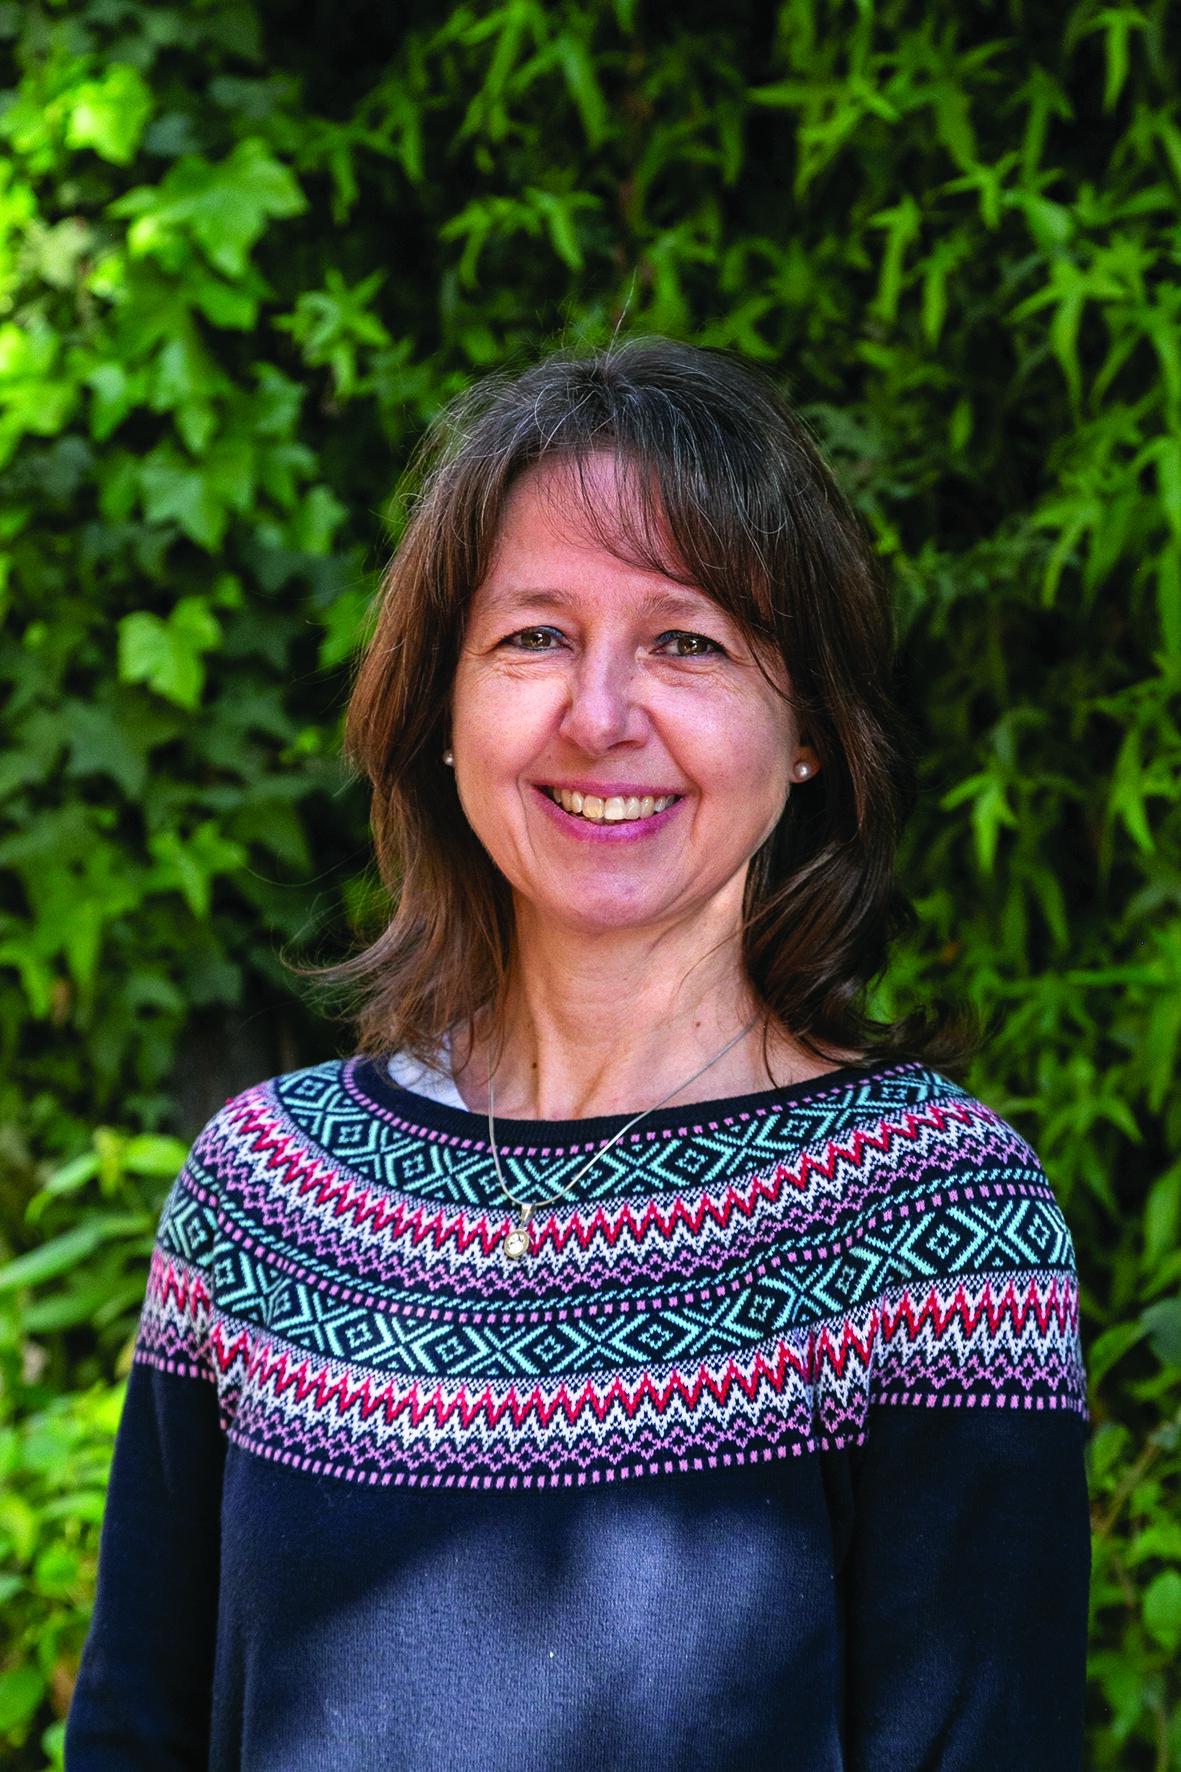 Martina Freitag